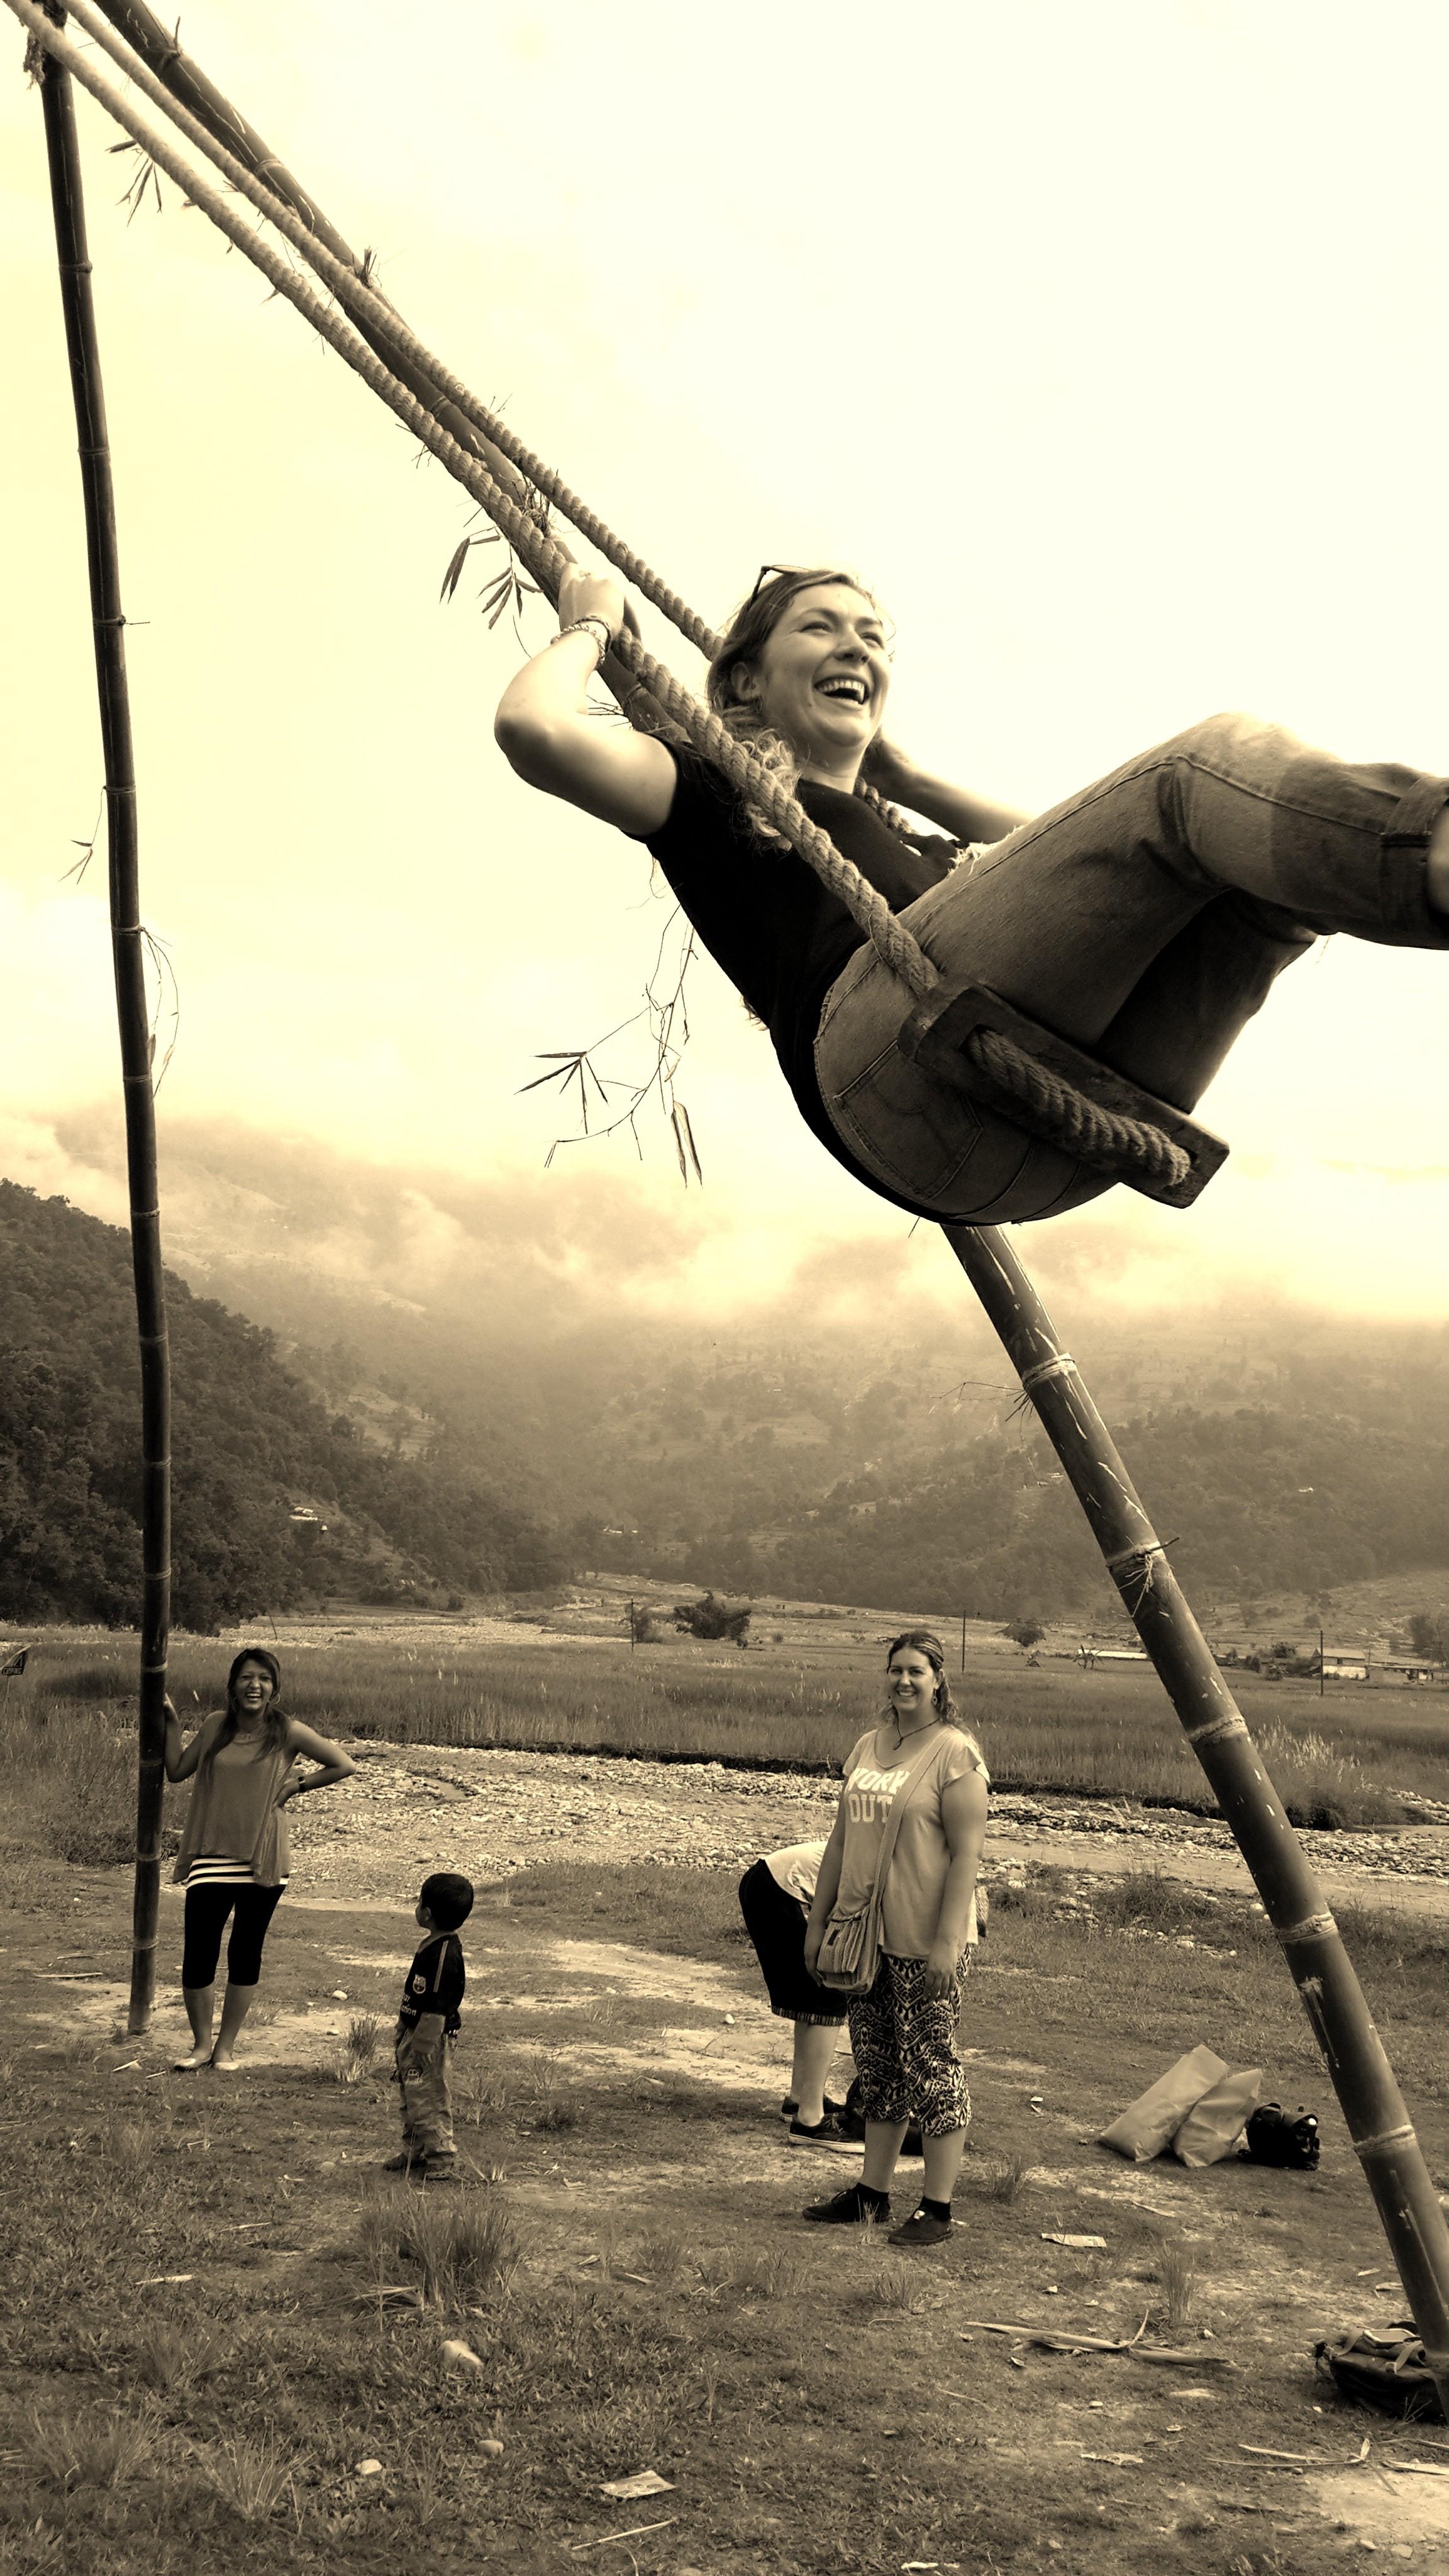 Meg on the swing